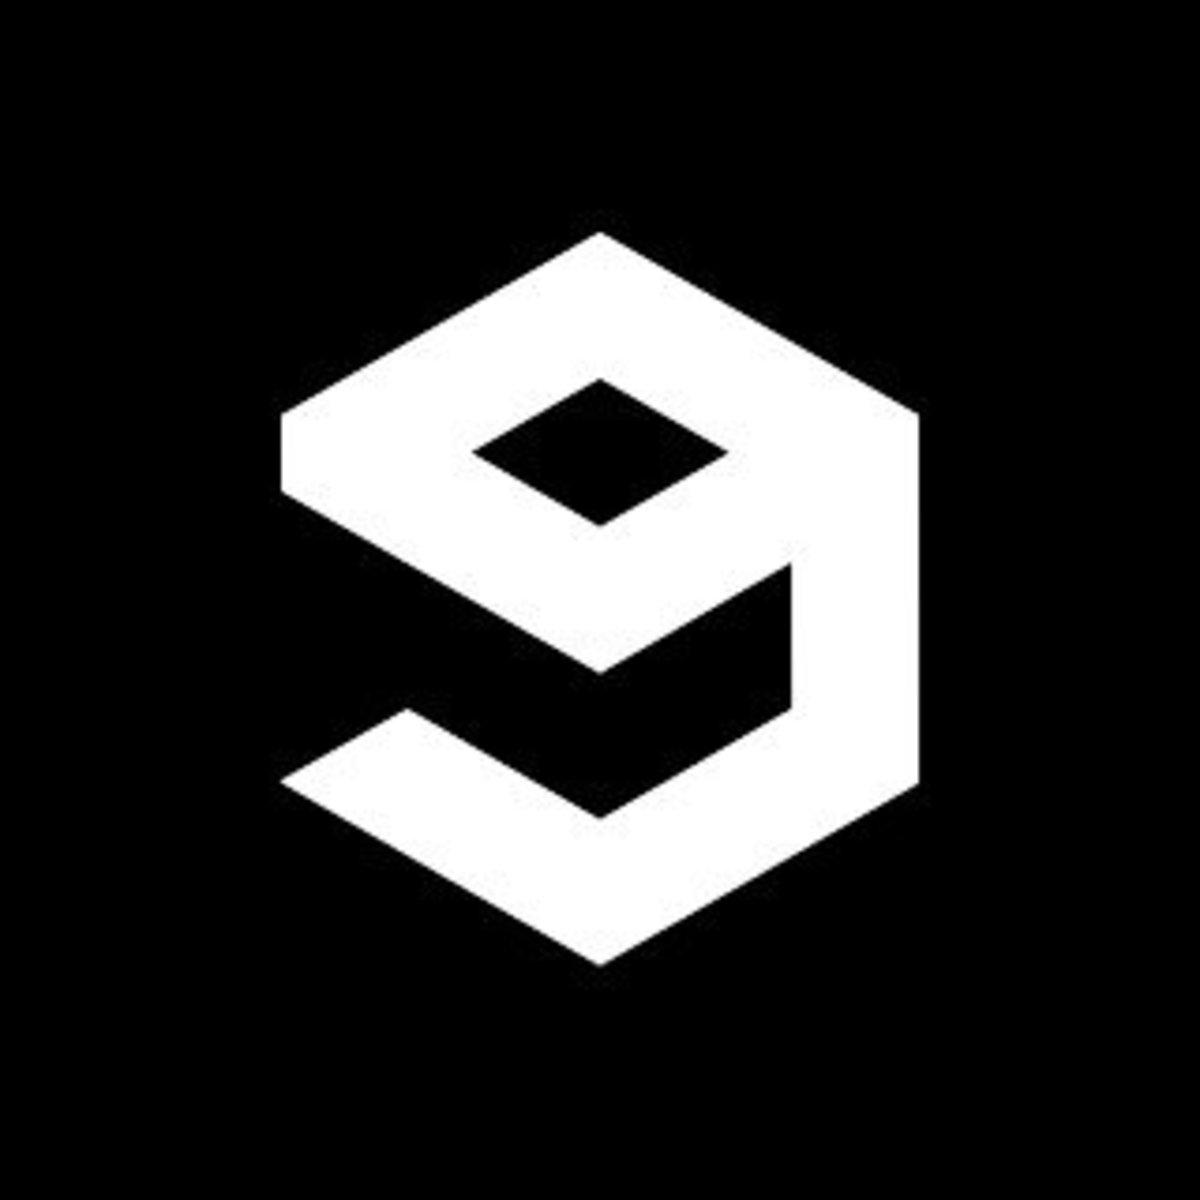 9gag-alternatives-websites-like-9gag